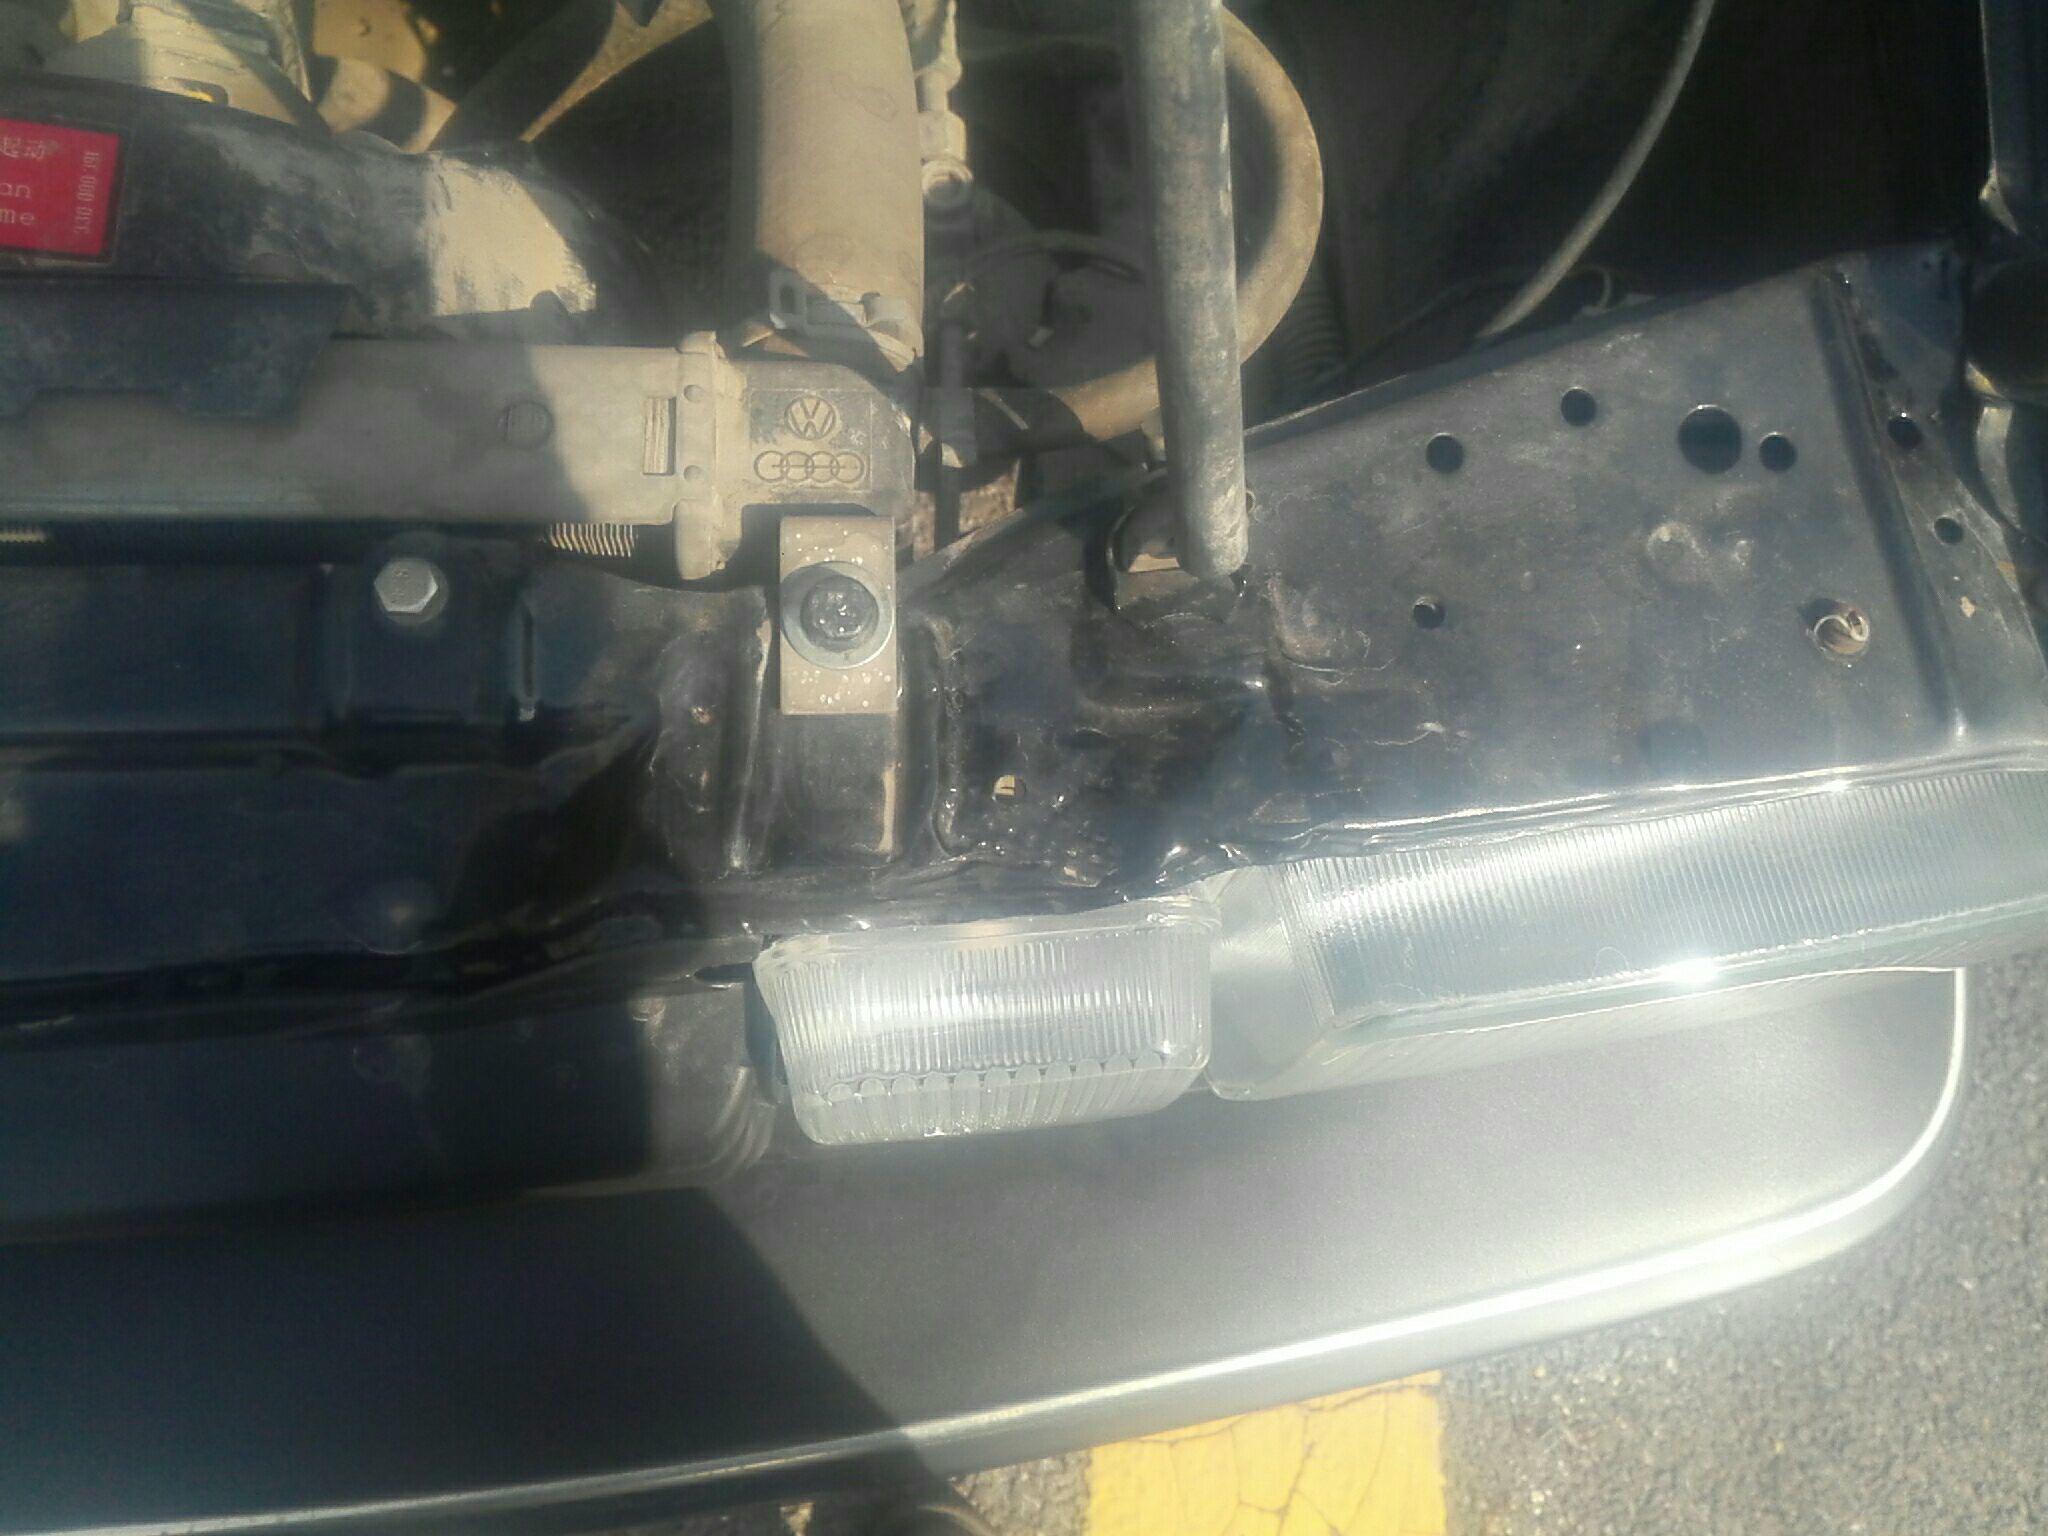 锦州二手大众桑塔纳经典 > 大众桑塔纳经  车头轻微的碰撞会导致水箱